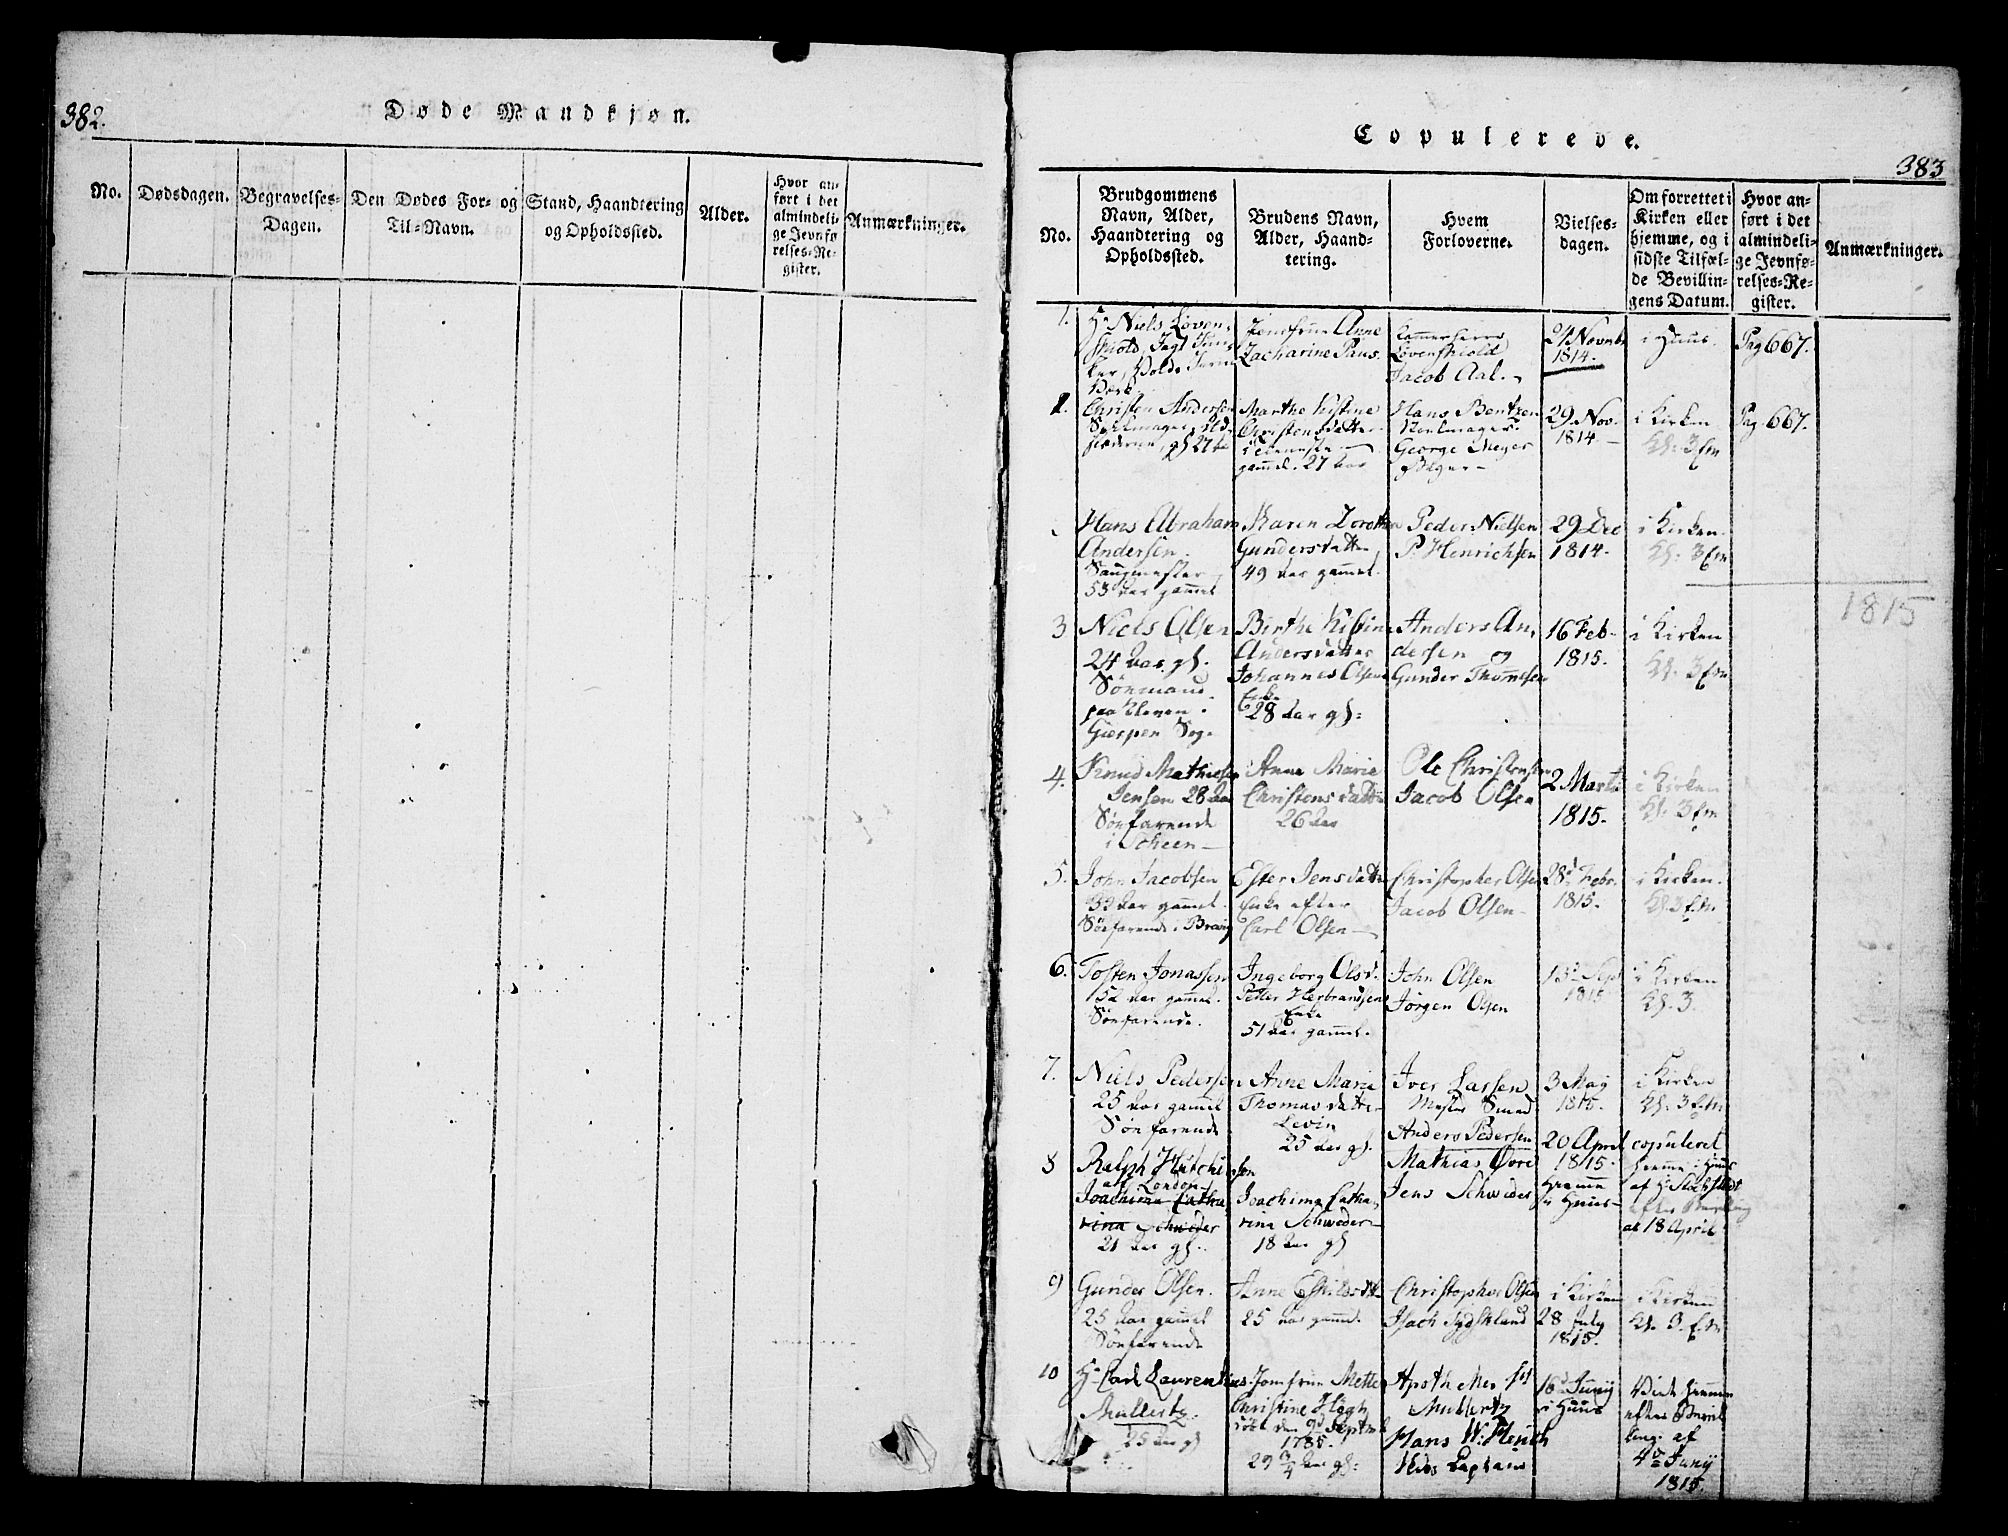 SAKO, Skien kirkebøker, G/Ga/L0002: Klokkerbok nr. 2, 1814-1842, s. 382-383